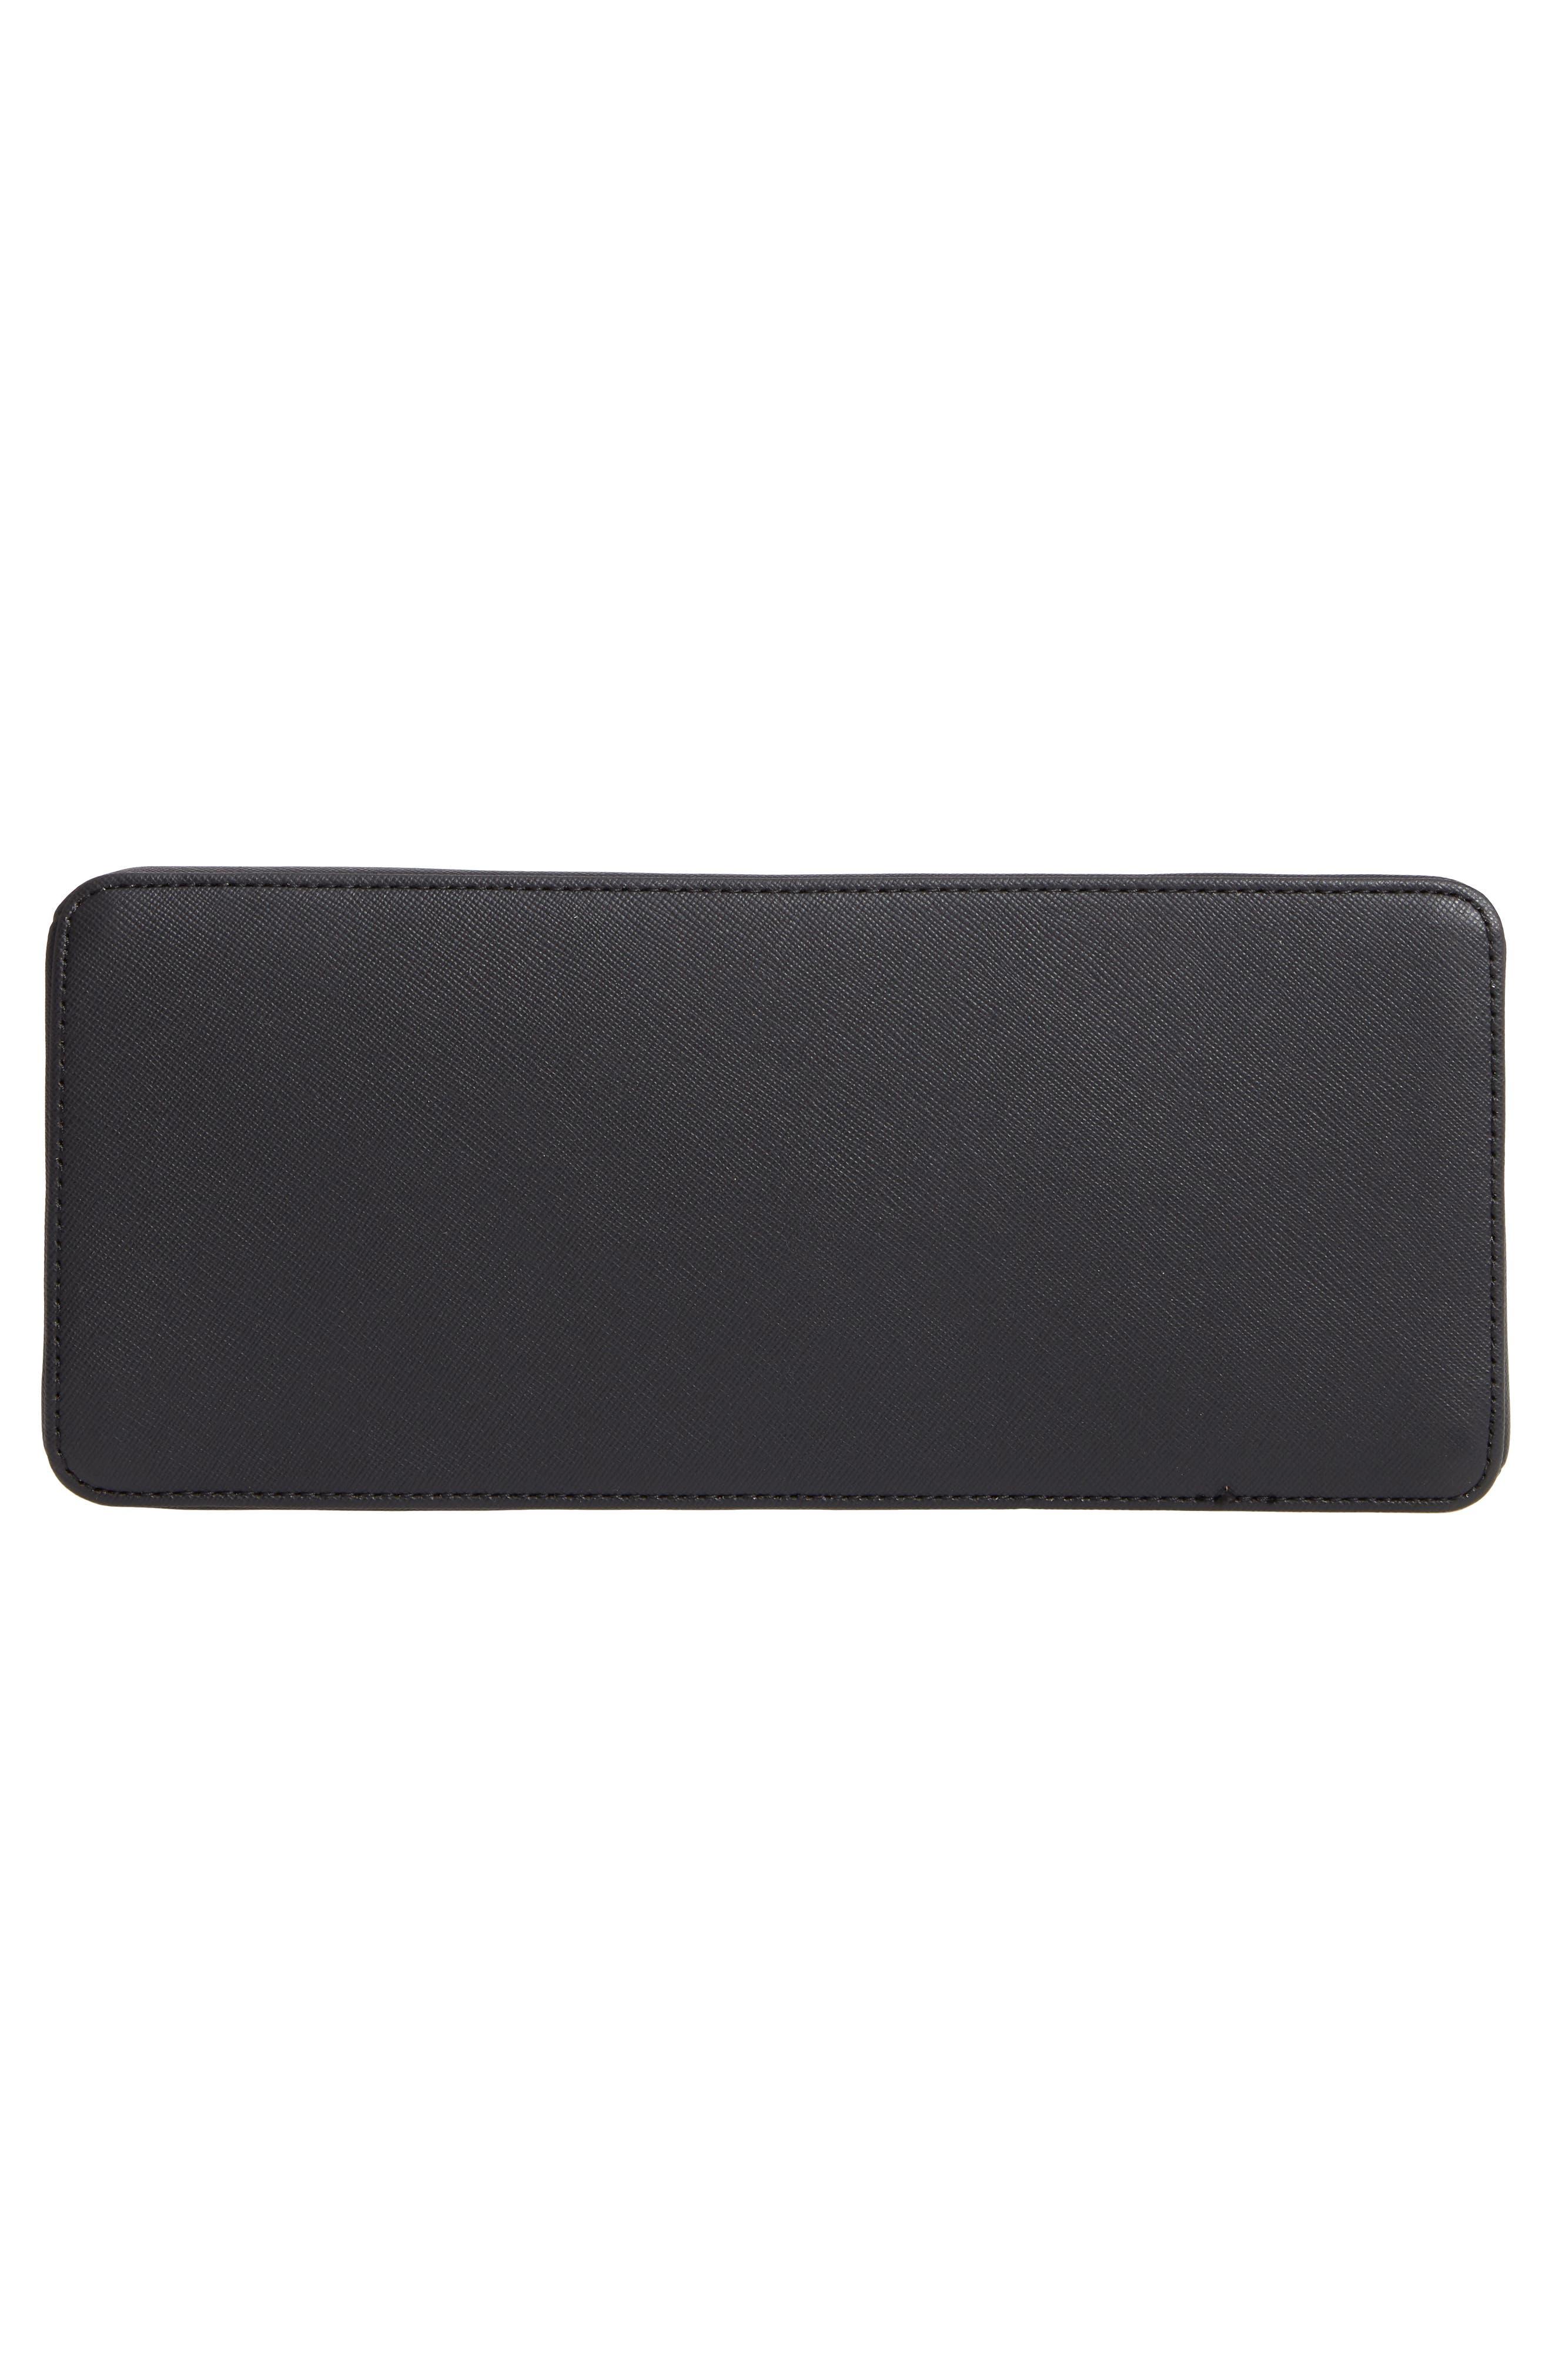 Splendour Lady Bag Faux Leather Top Handle Satchel,                             Alternate thumbnail 6, color,                             BLACK